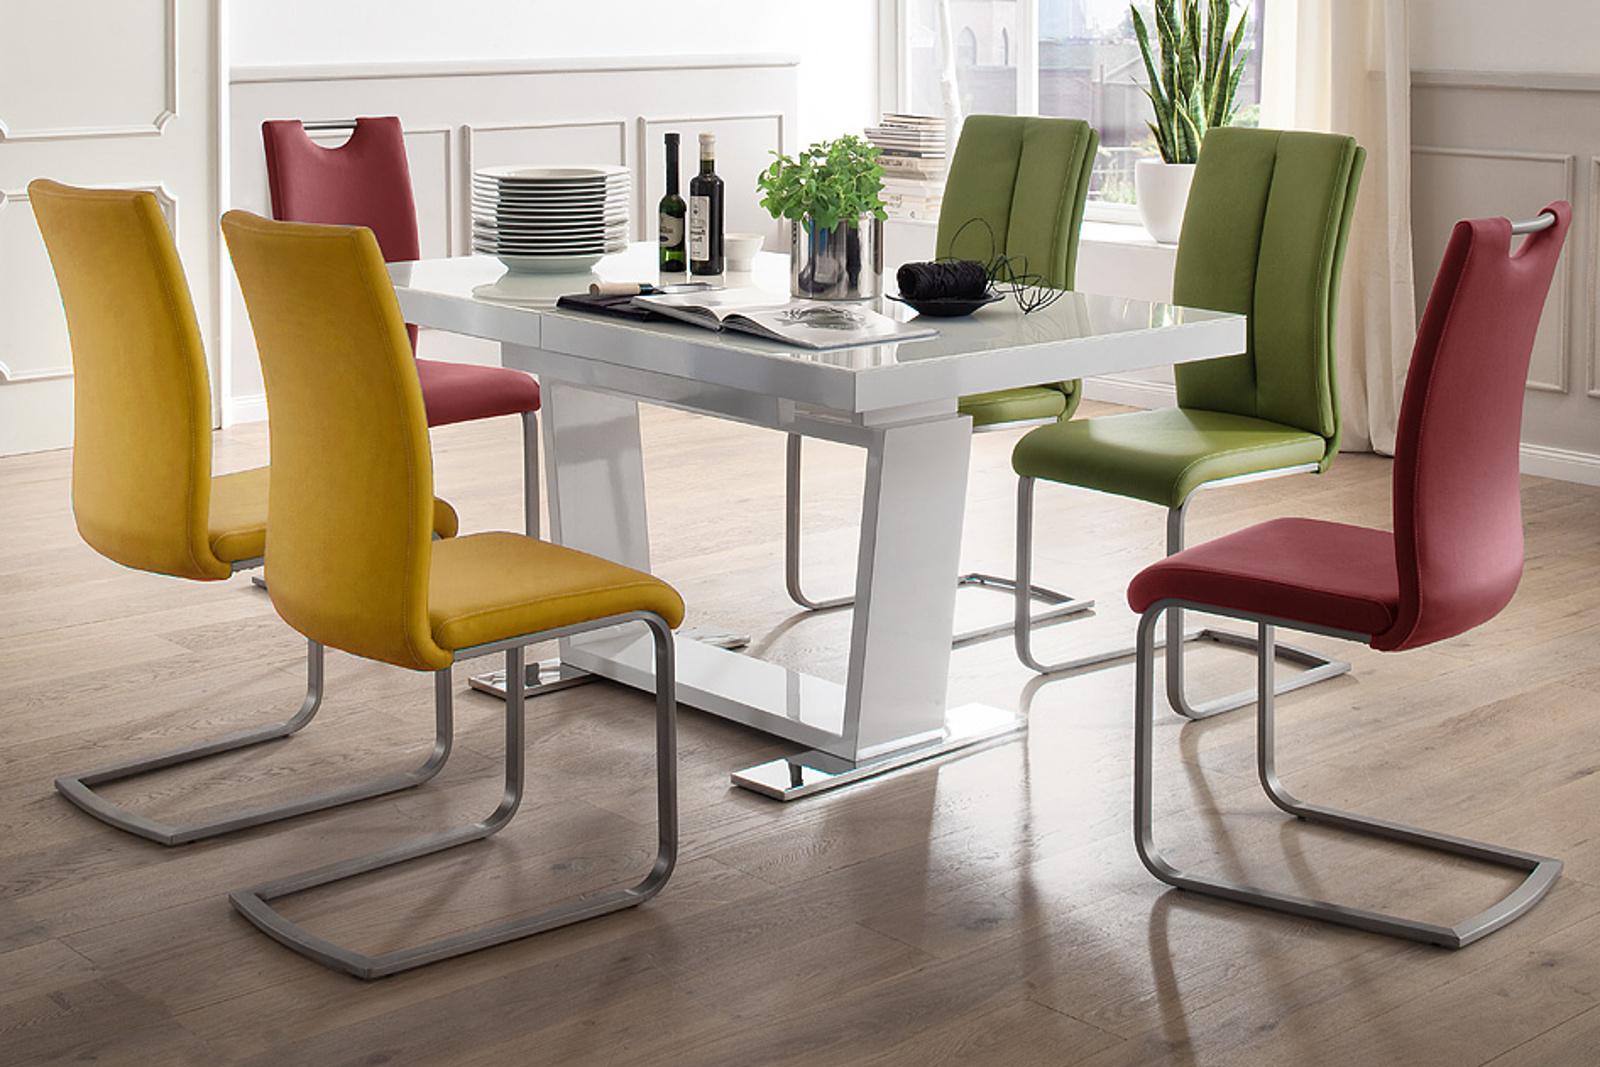 moderne b rom bel in buche designerm bel moderne m bel owl. Black Bedroom Furniture Sets. Home Design Ideas